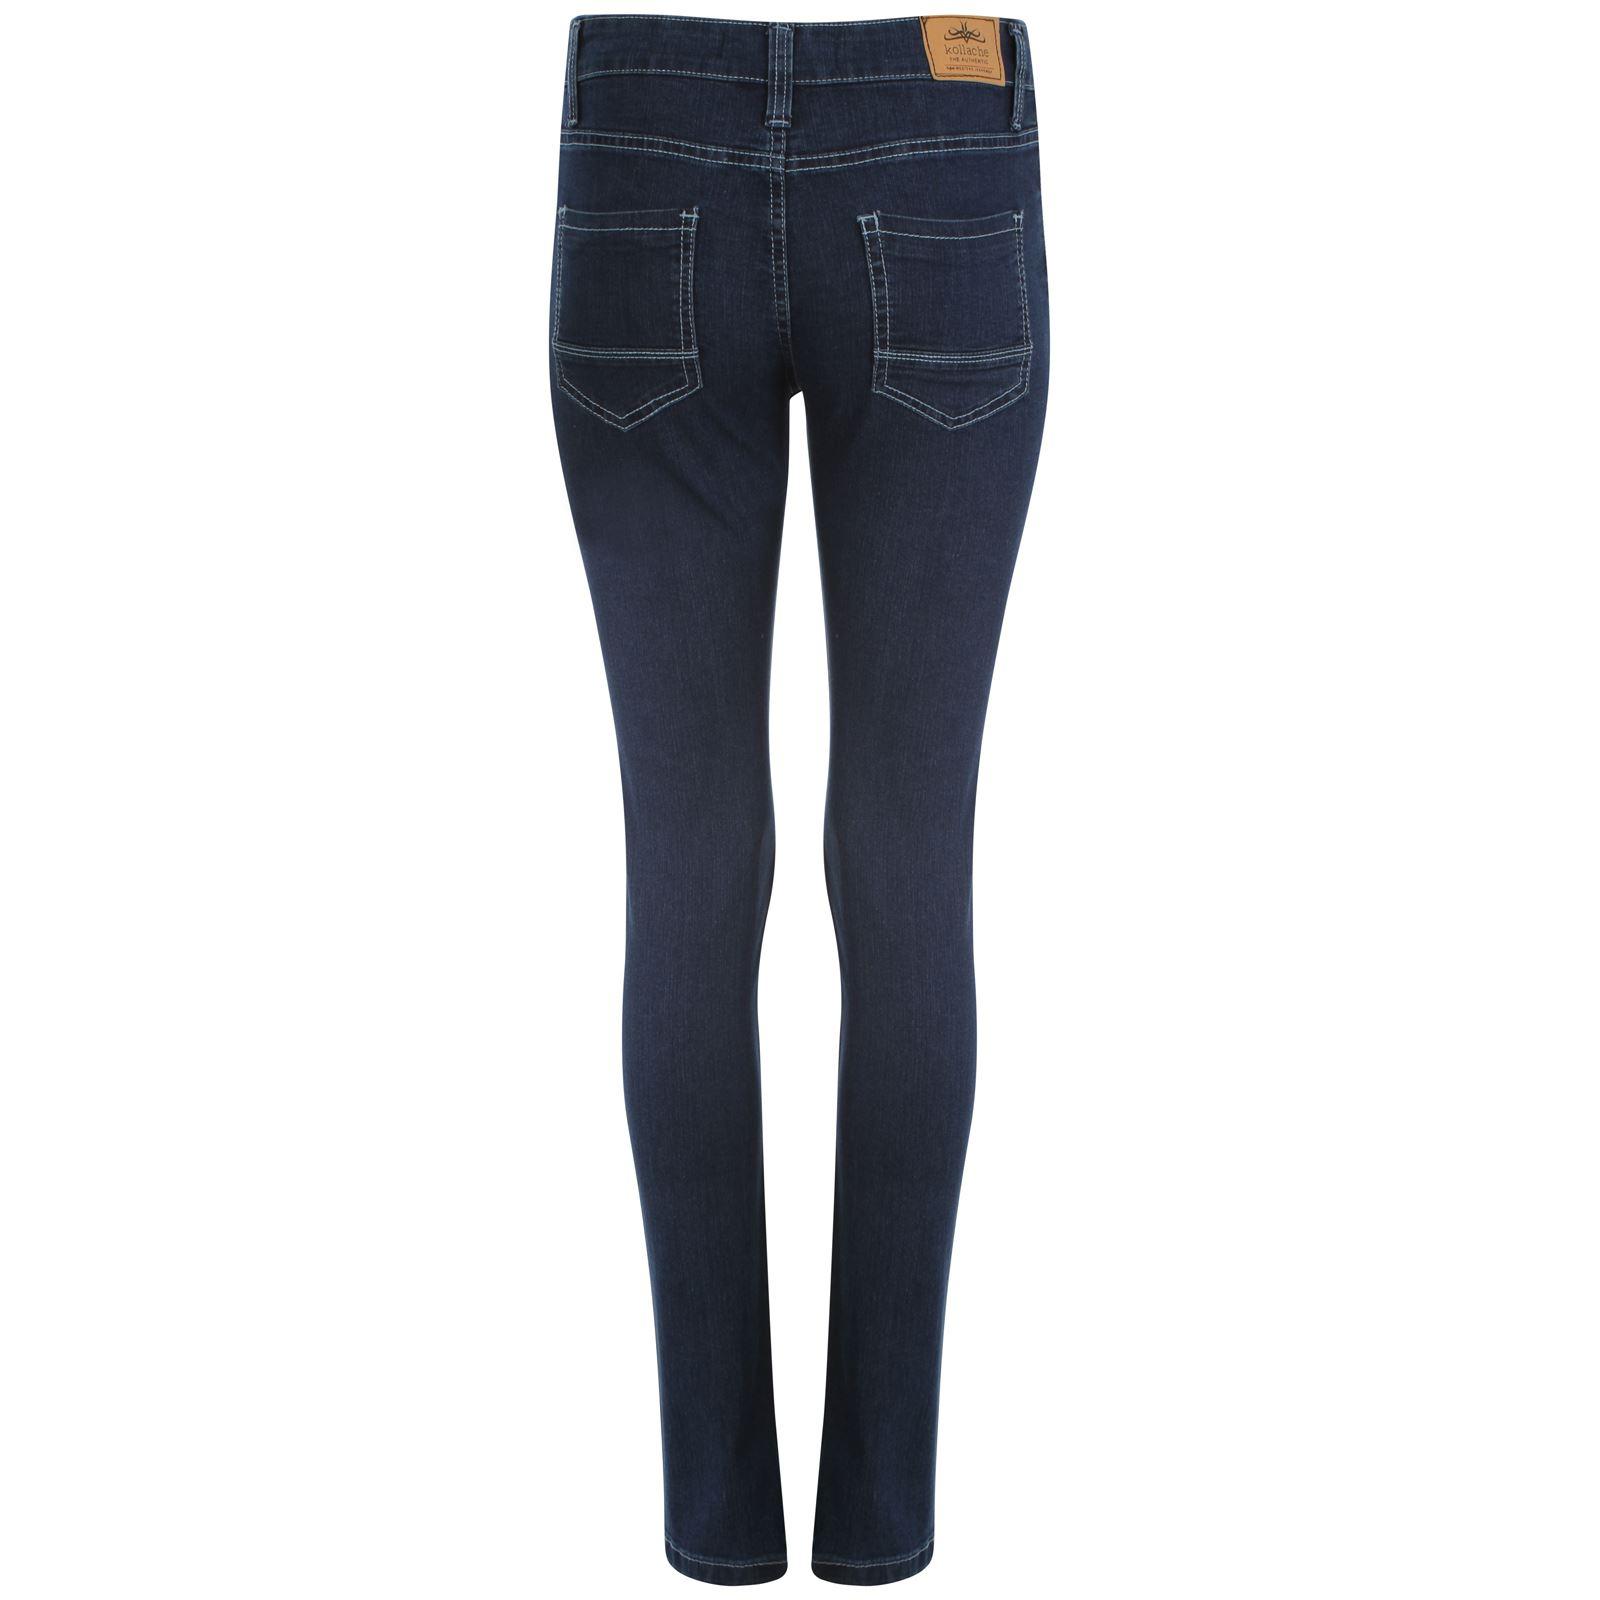 femmes jeans slim filles lastique pantalon jegging grande taille ebay. Black Bedroom Furniture Sets. Home Design Ideas